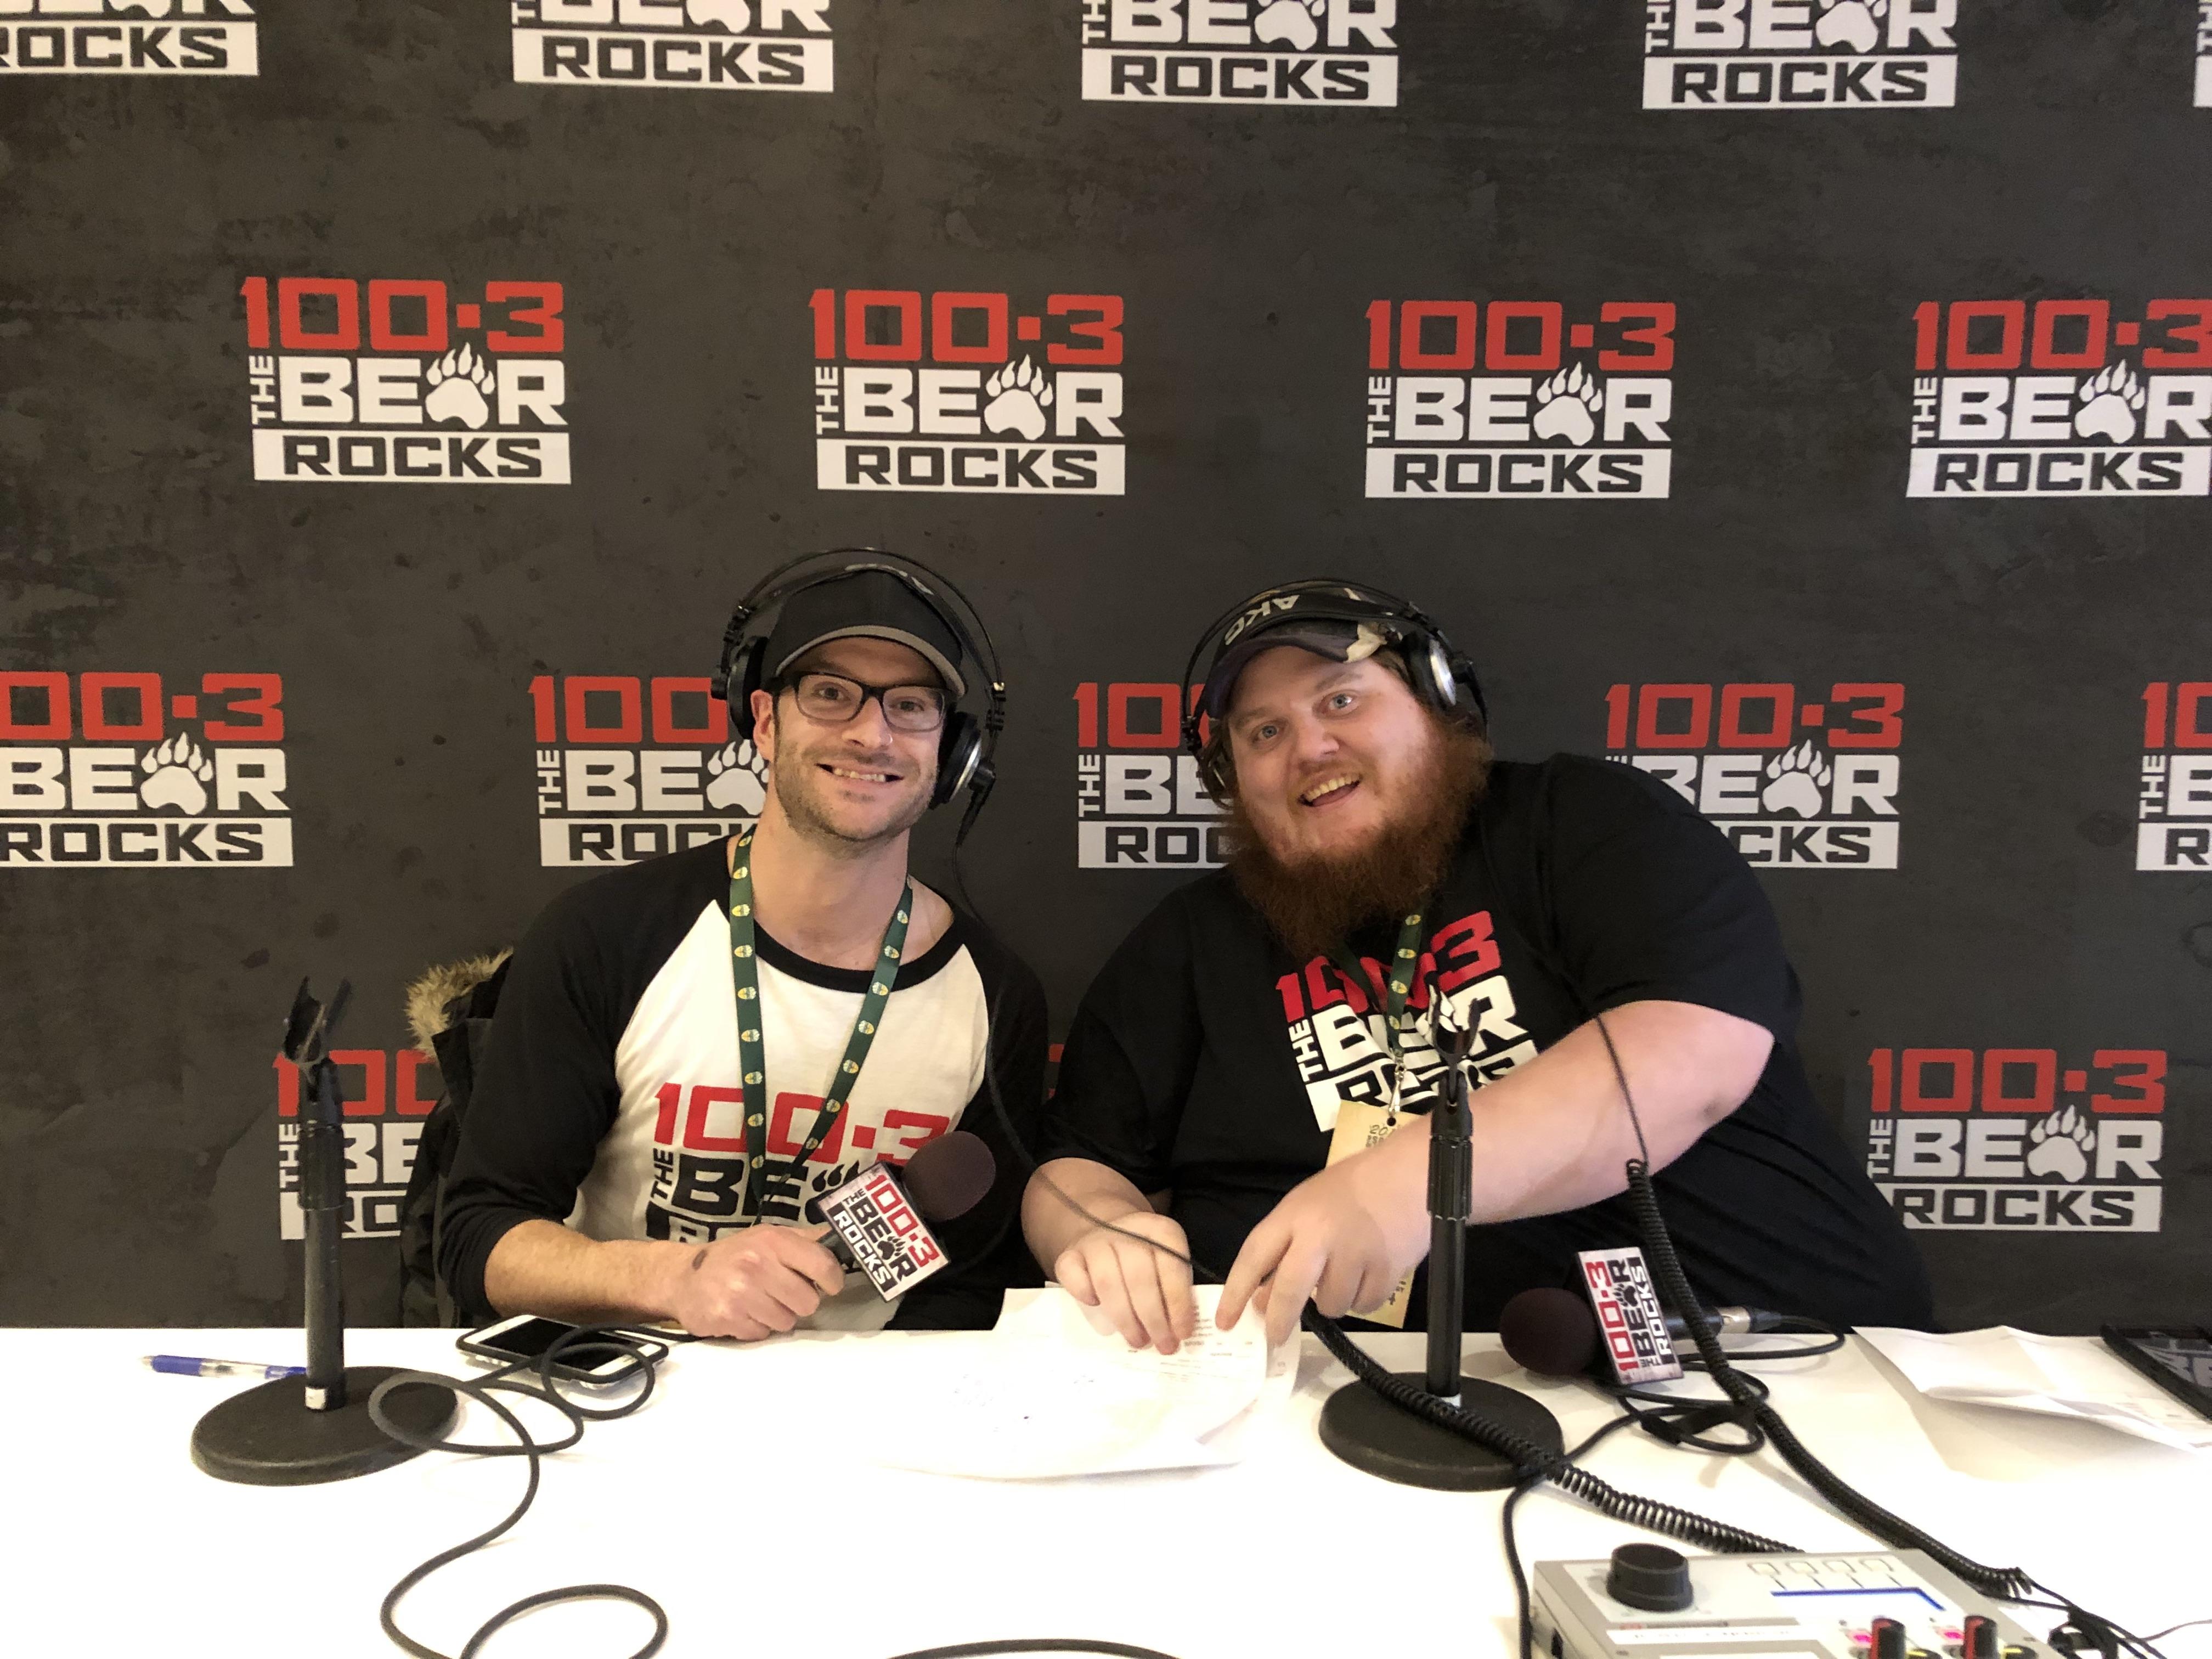 181122 Spirit of Edmonton 100.3 The Bear with Toby & Warren